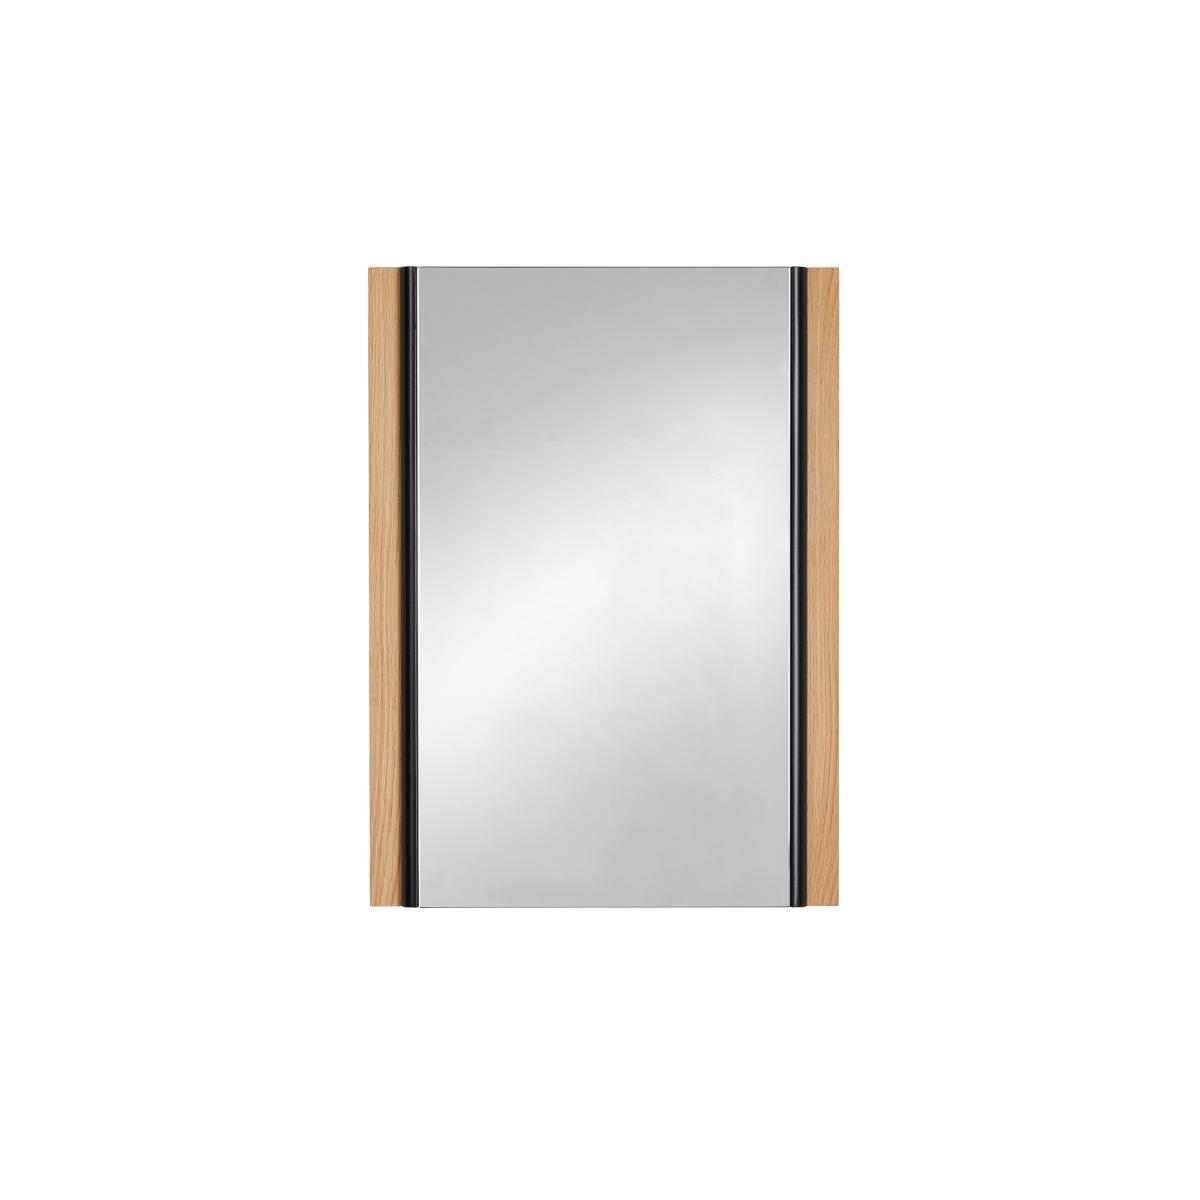 KORO Wandspiegel 44x60 cm, Außenleiste Eiche natur